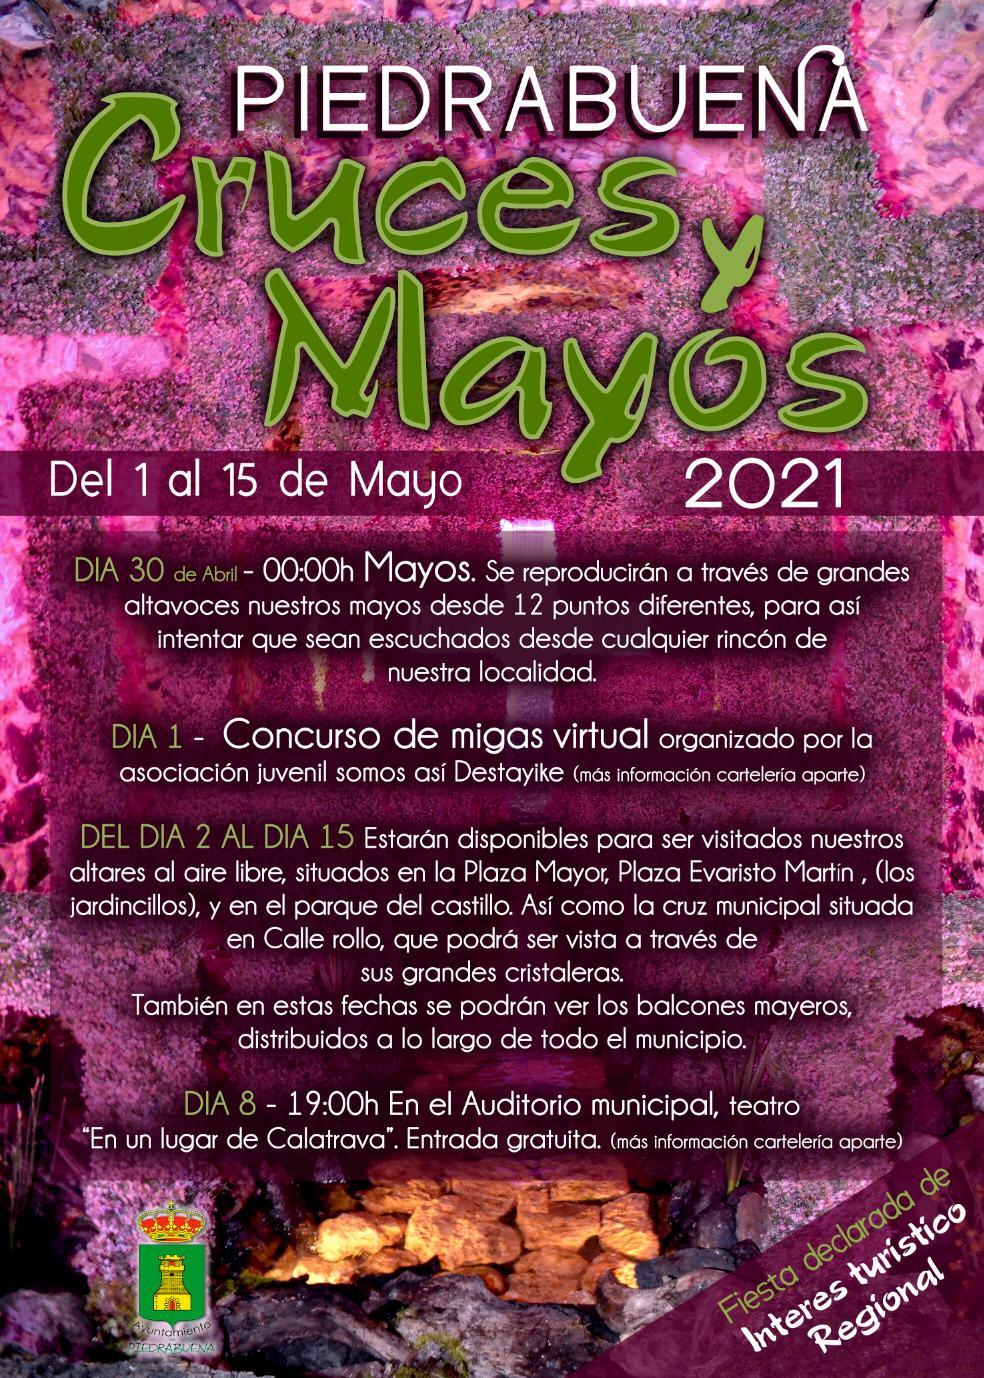 Piedrabuena Cruces y Mayos 2021 3